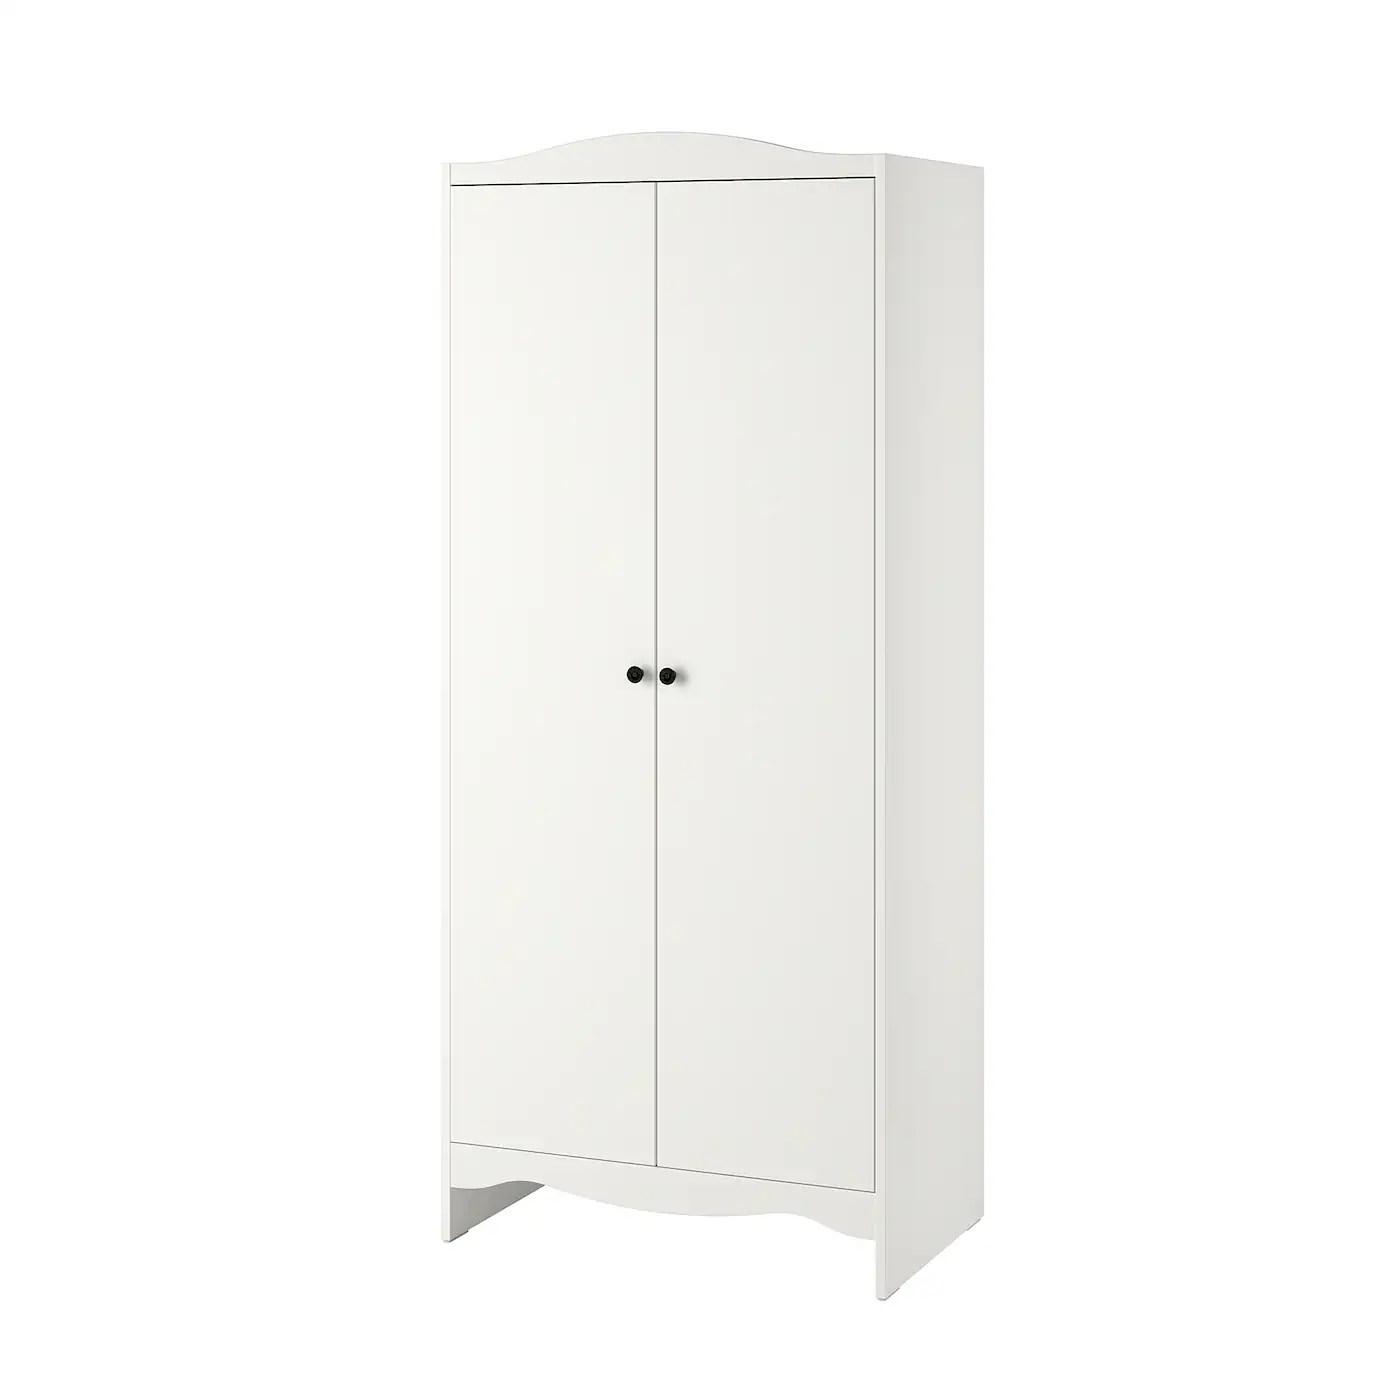 Smagora Armoire Blanc 80x50x187 Cm Ikea